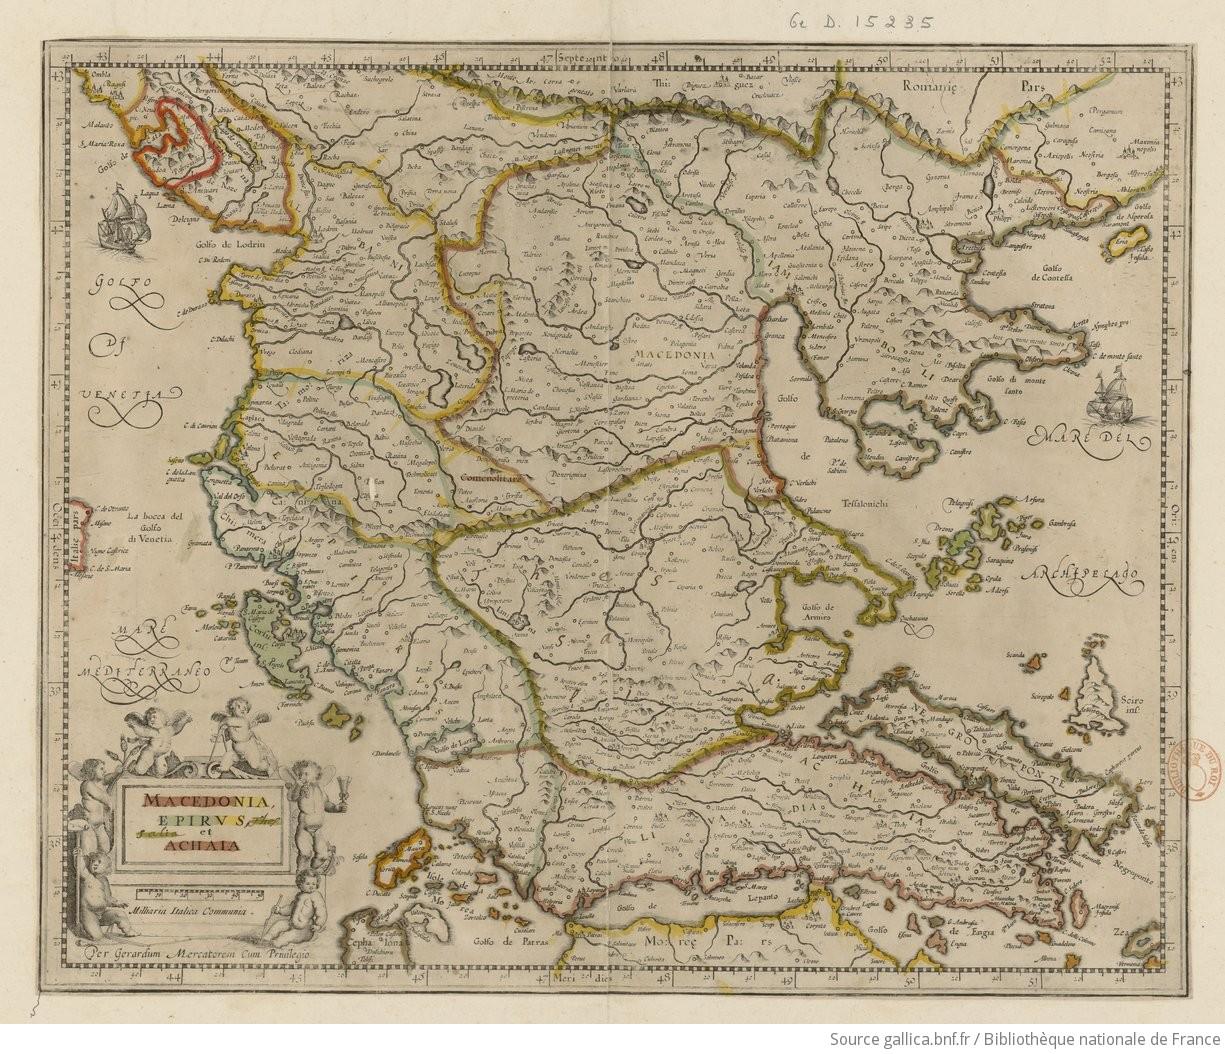 Macedonia Epirus et Achaia / per Gerardum Mercatorem - 1